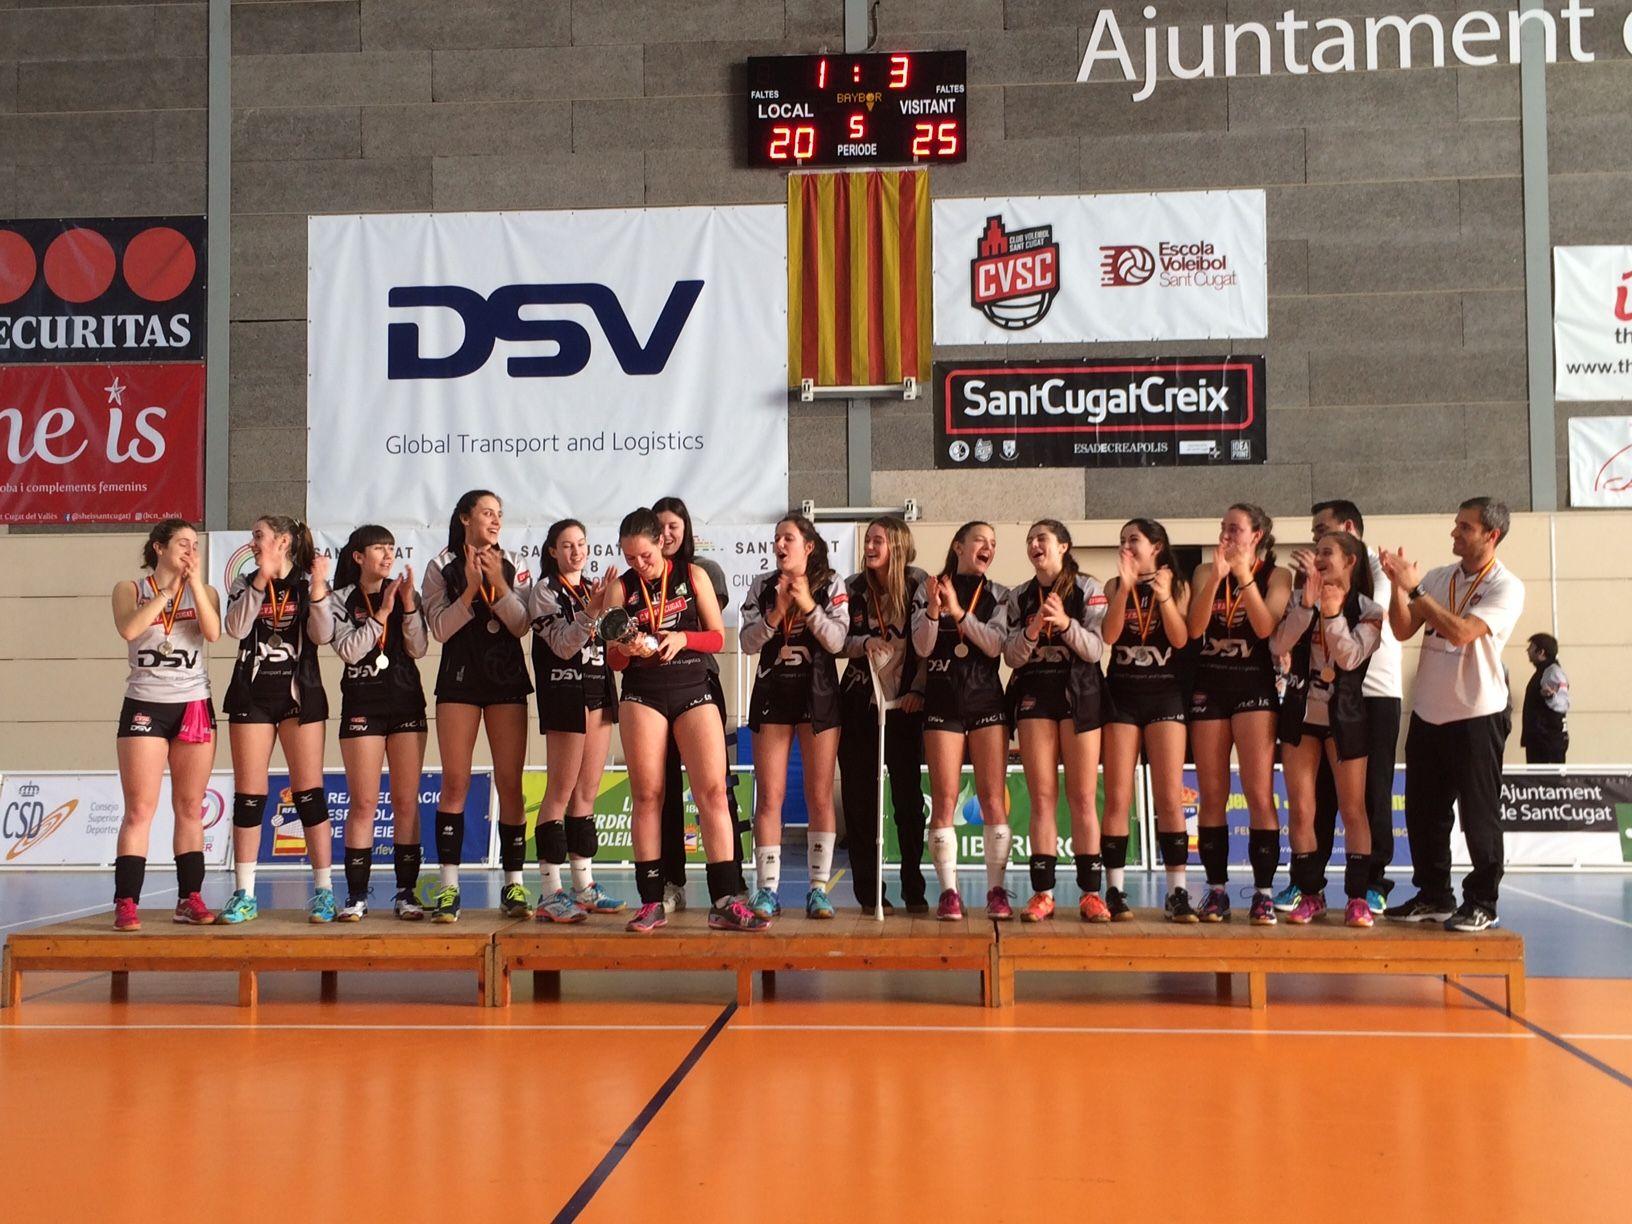 El juvenil A del DSV CV Sant Cugat, subcampió de la Superlliga Júnior Femenina 2018. FOTO: Àlex López Puig